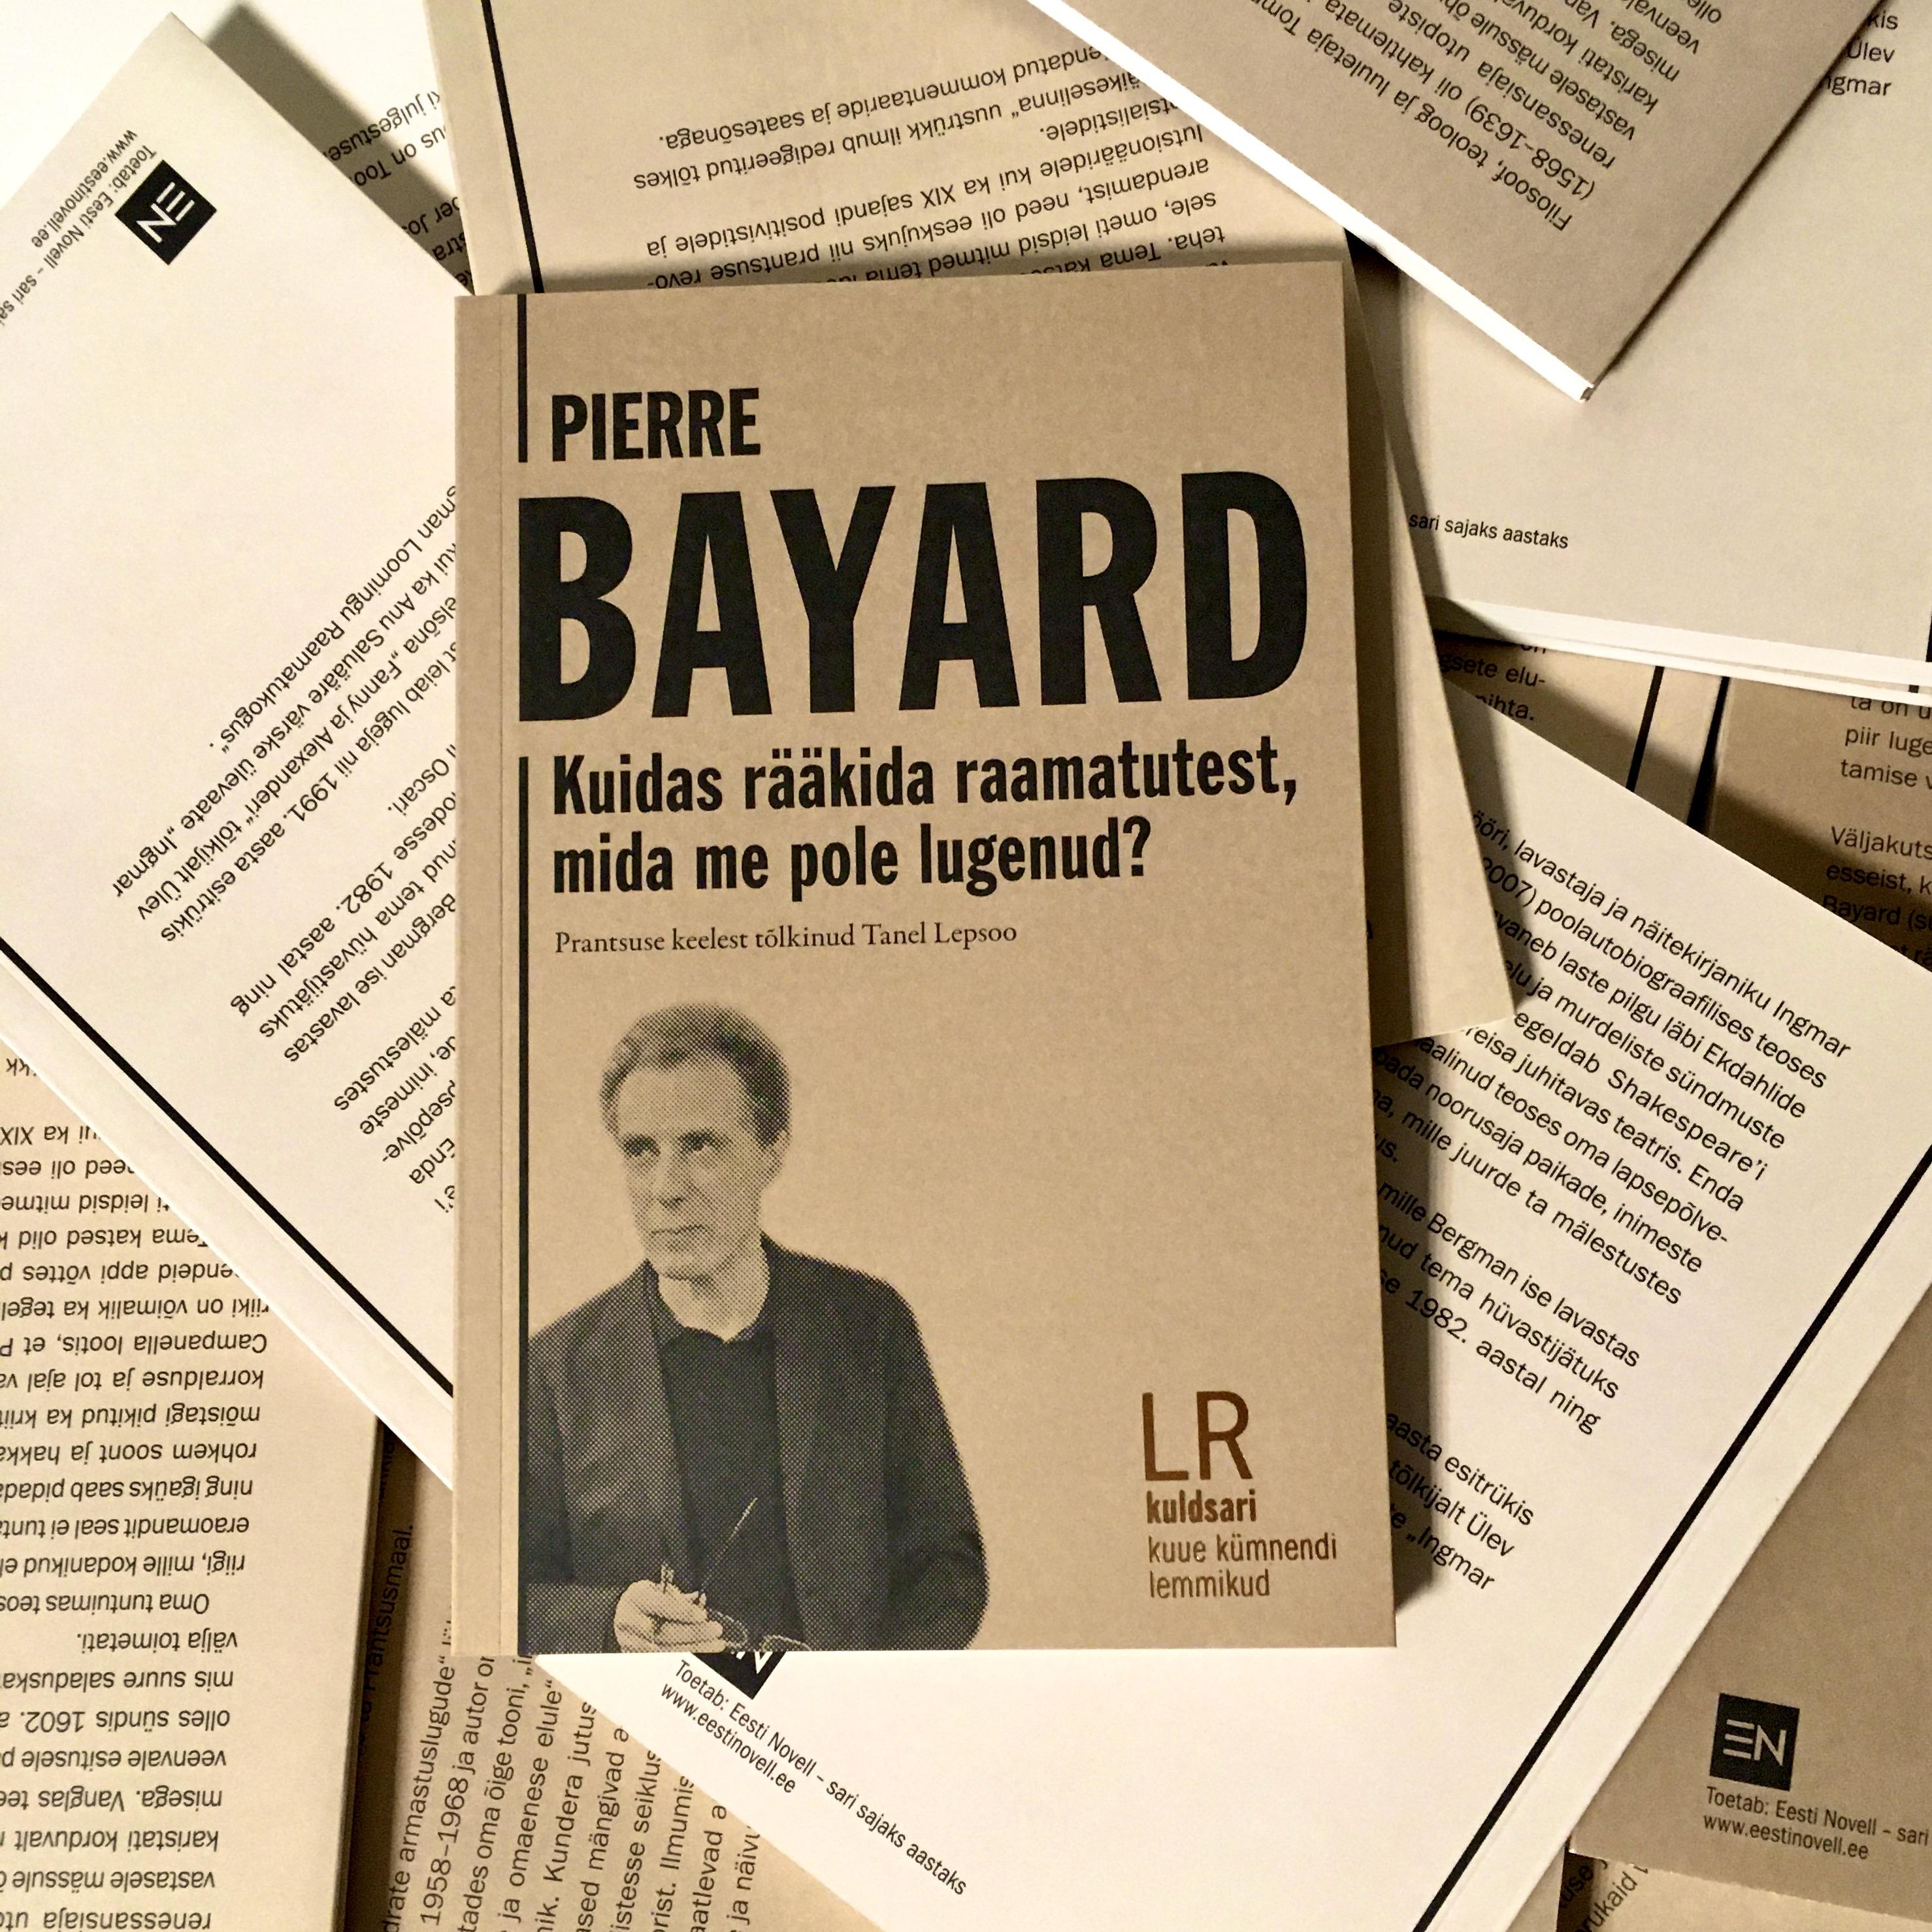 """Pierre Bayard """"Kuidas rääkida raamatutest, mida me pole lugenud?"""""""